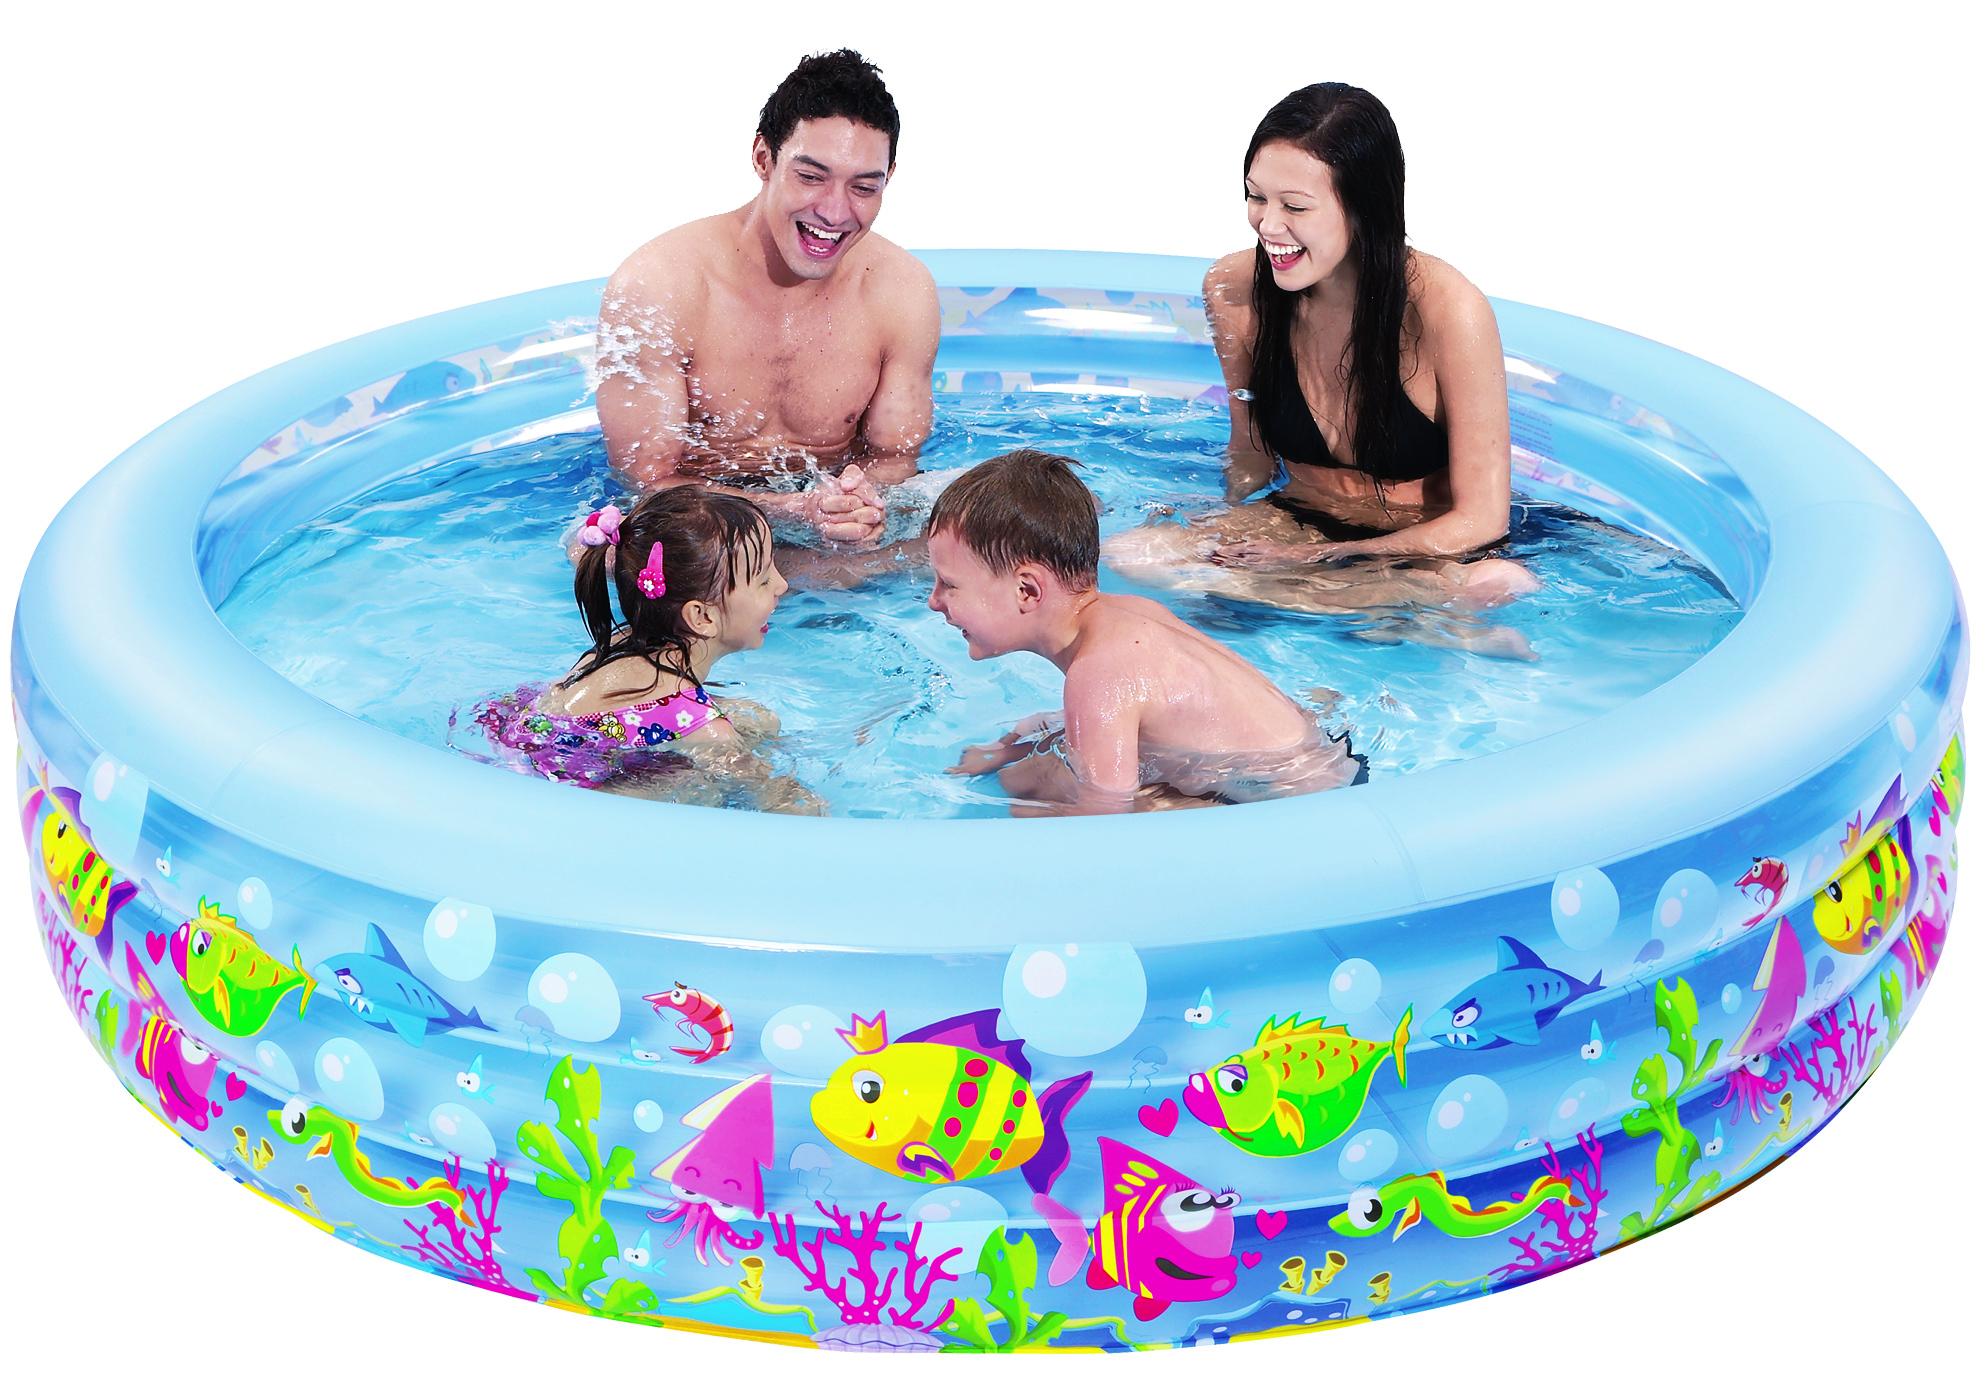 Бассейн надувной Jilong Aquarium, 185 см x 50 см81-337Круглый надувной бассейн Jilong Aquarium предназначен для детского и семейного отдыха на загородном участке. Отлично подойдет для детей от 6 лет. Бассейн изготовлен из прочного ПВХ. Оснащен удобной сливной пробкой.Комфортный дизайн бассейна и приятная цветовая гамма сделают его не только незаменимым атрибутом летнего отдыха, но и оригинальным дополнением ландшафтного дизайна участка. В комплект с бассейном входит заплатка для ремонта в случае прокола.